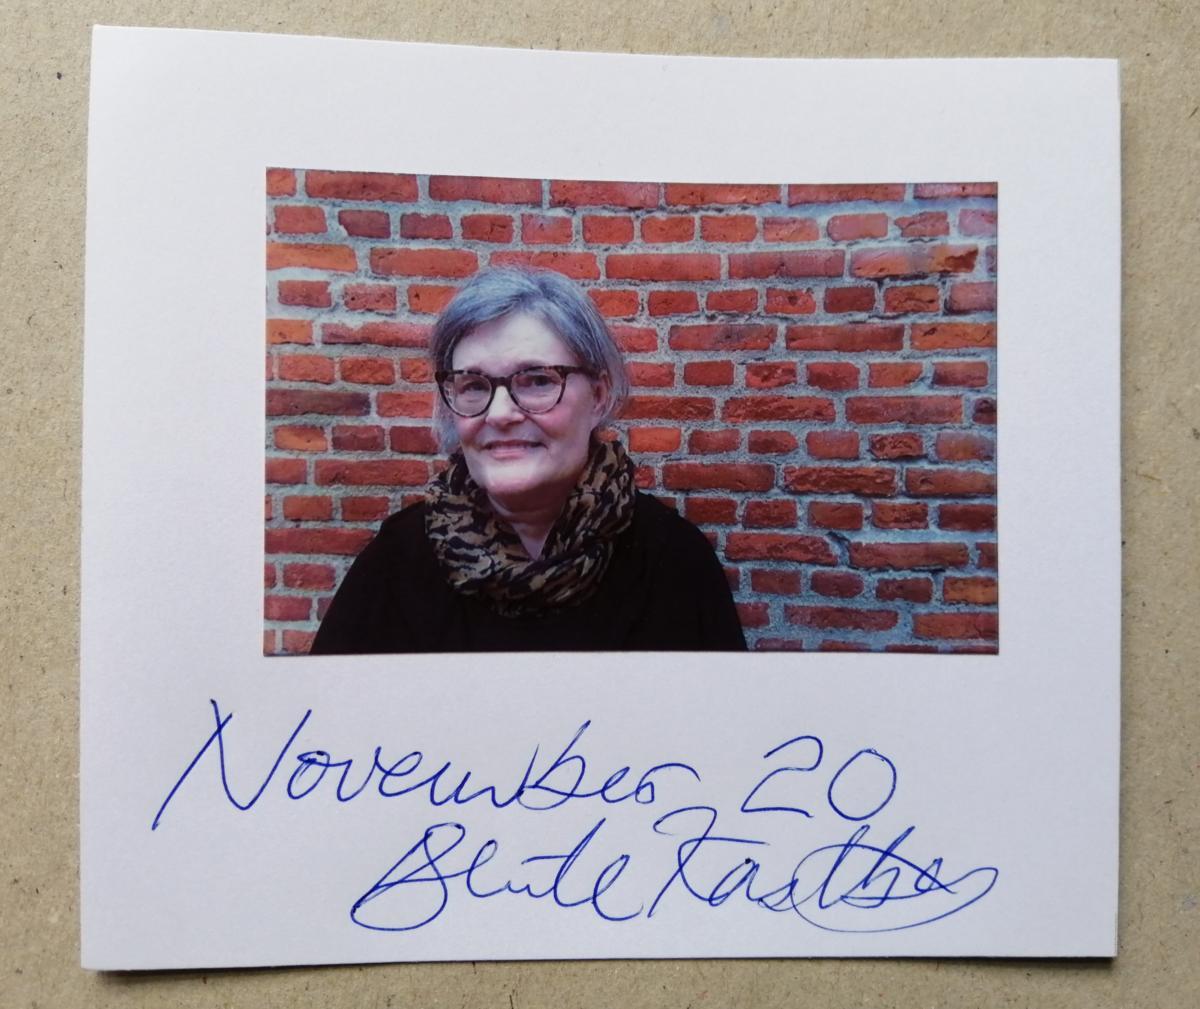 11-20 Bente Kastberg